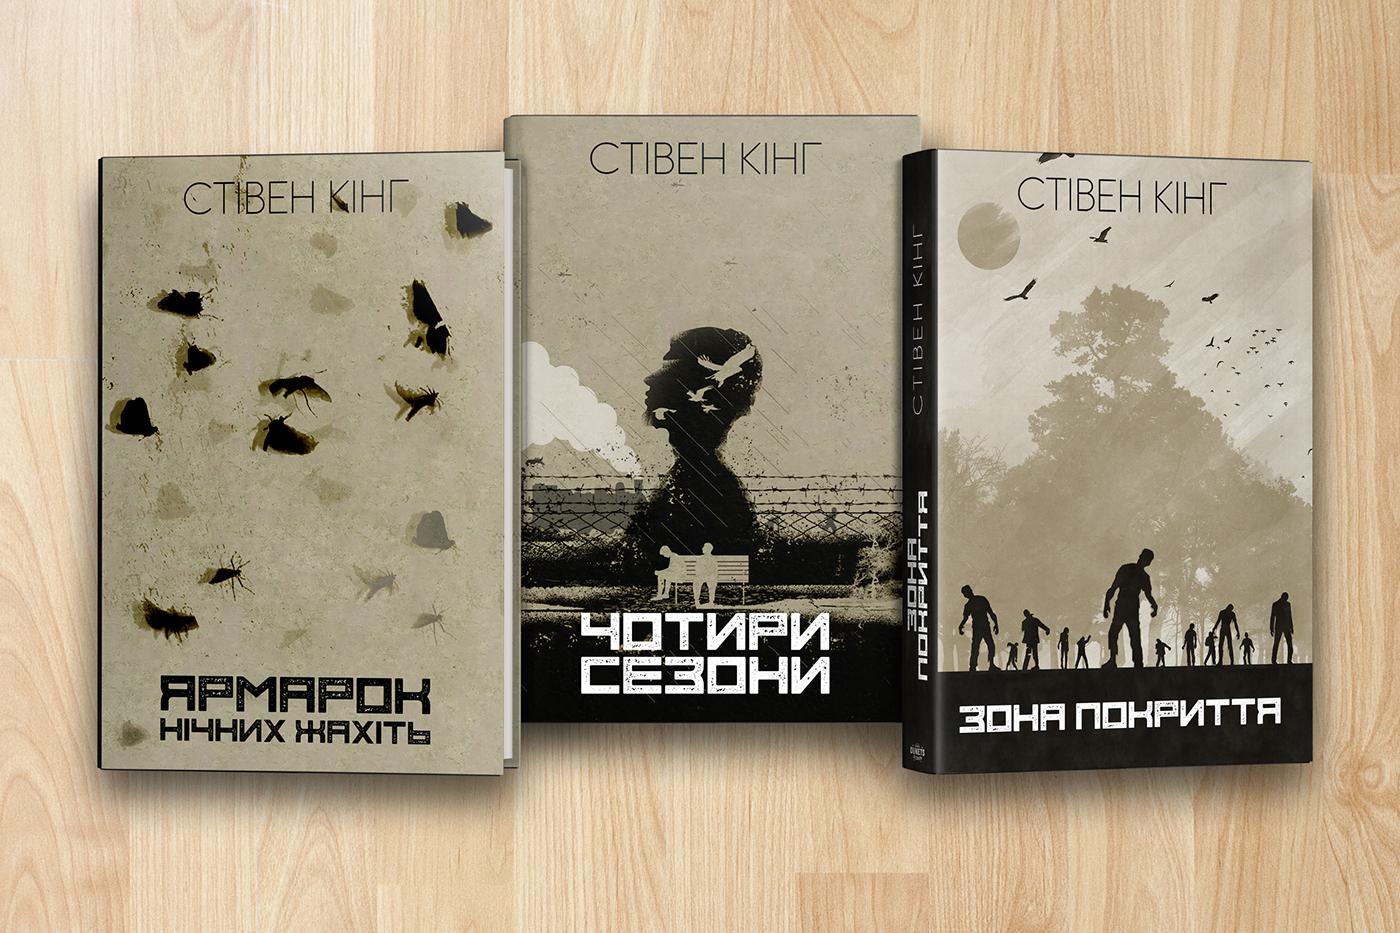 Stephen King king cover supercover Slipcover book cover design Book Cover Design